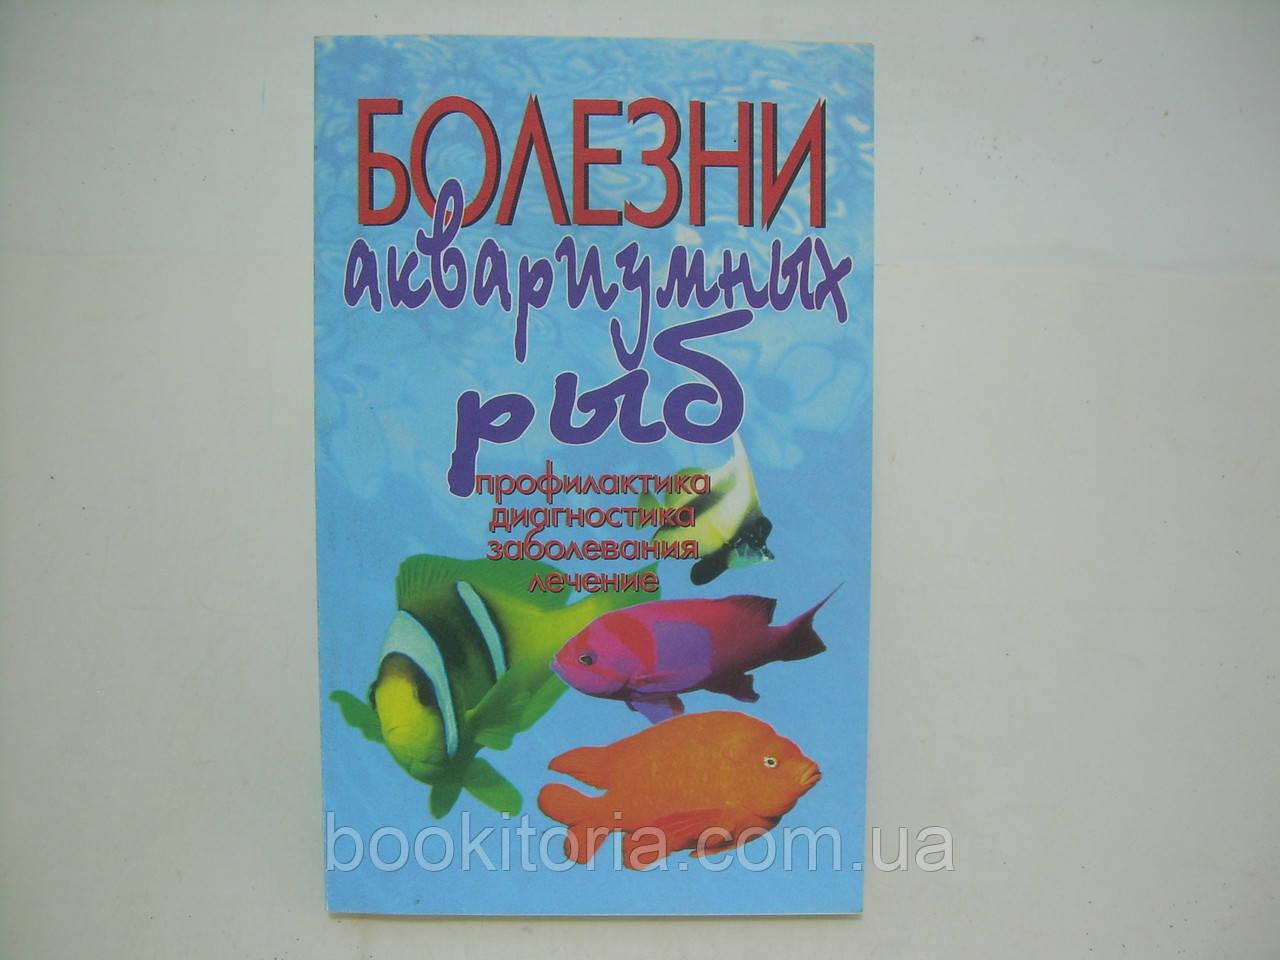 Болезни аквариумных рыб (б/у).